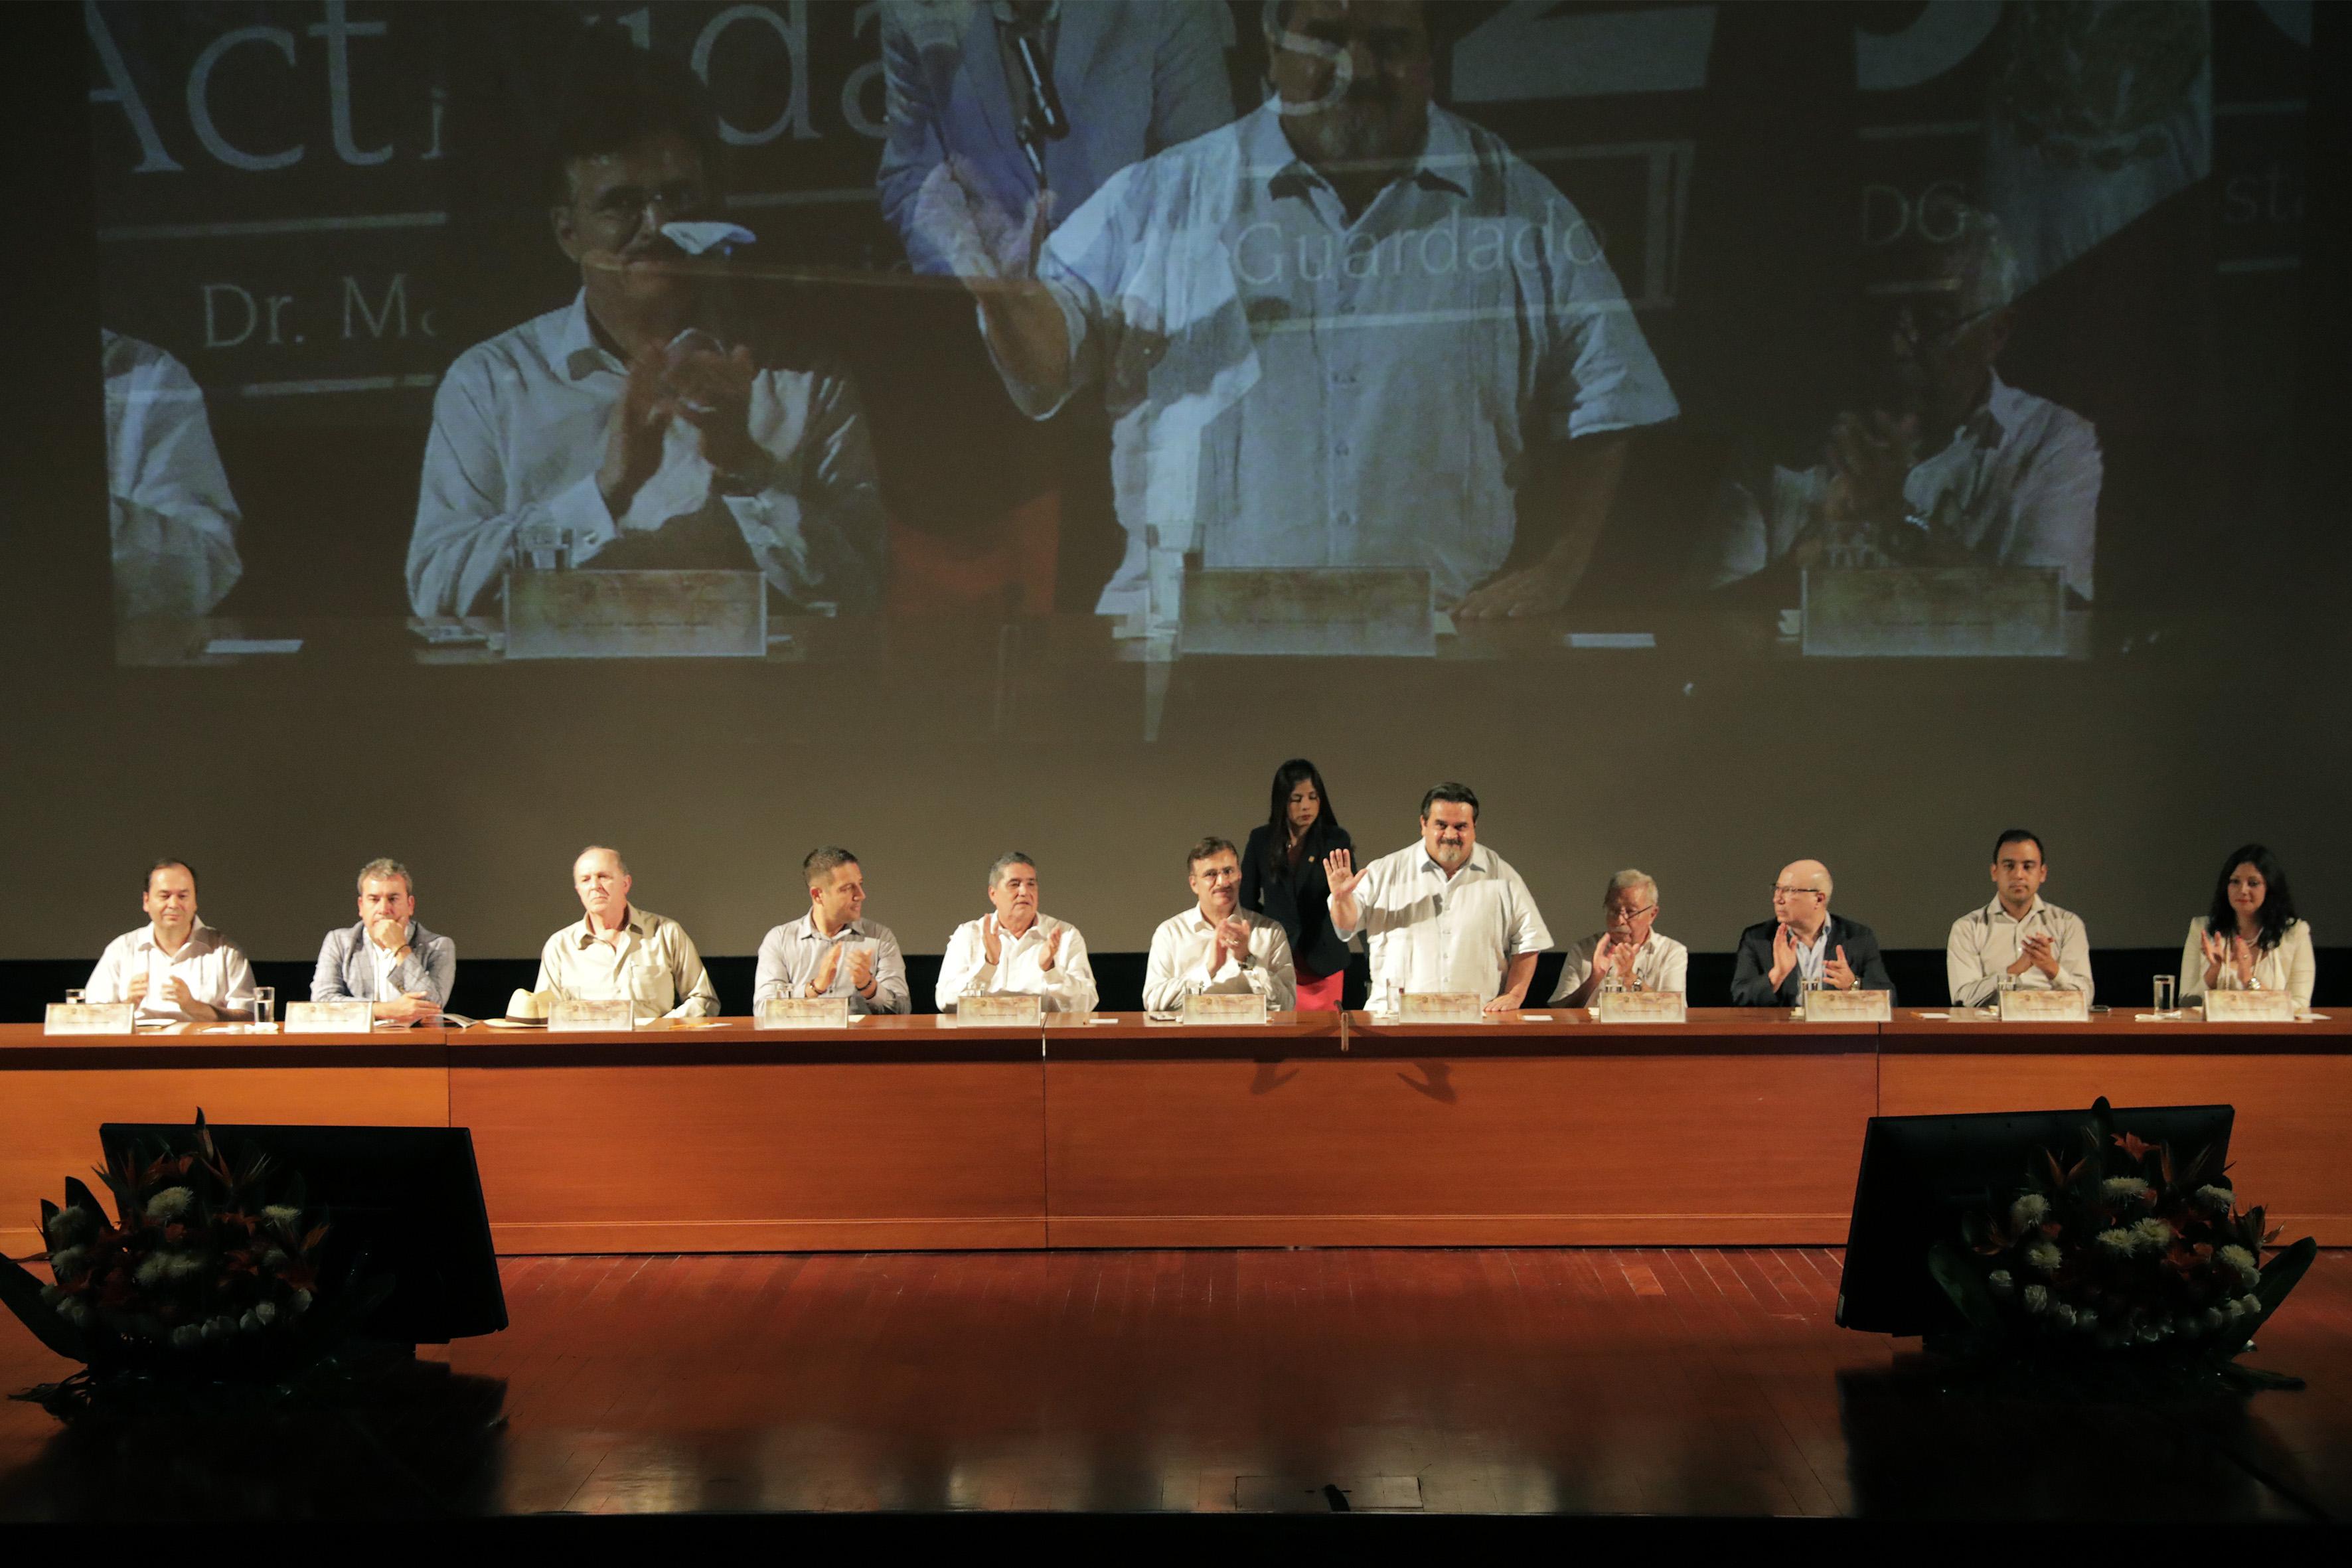 Rector del CUC, Marco Antonio Cortés Guardado, de pie saludando con la mano en alto al momento de la ceremonia de presentación durante su informe de actividades 2016; mientras panelistas invitados aplauden.